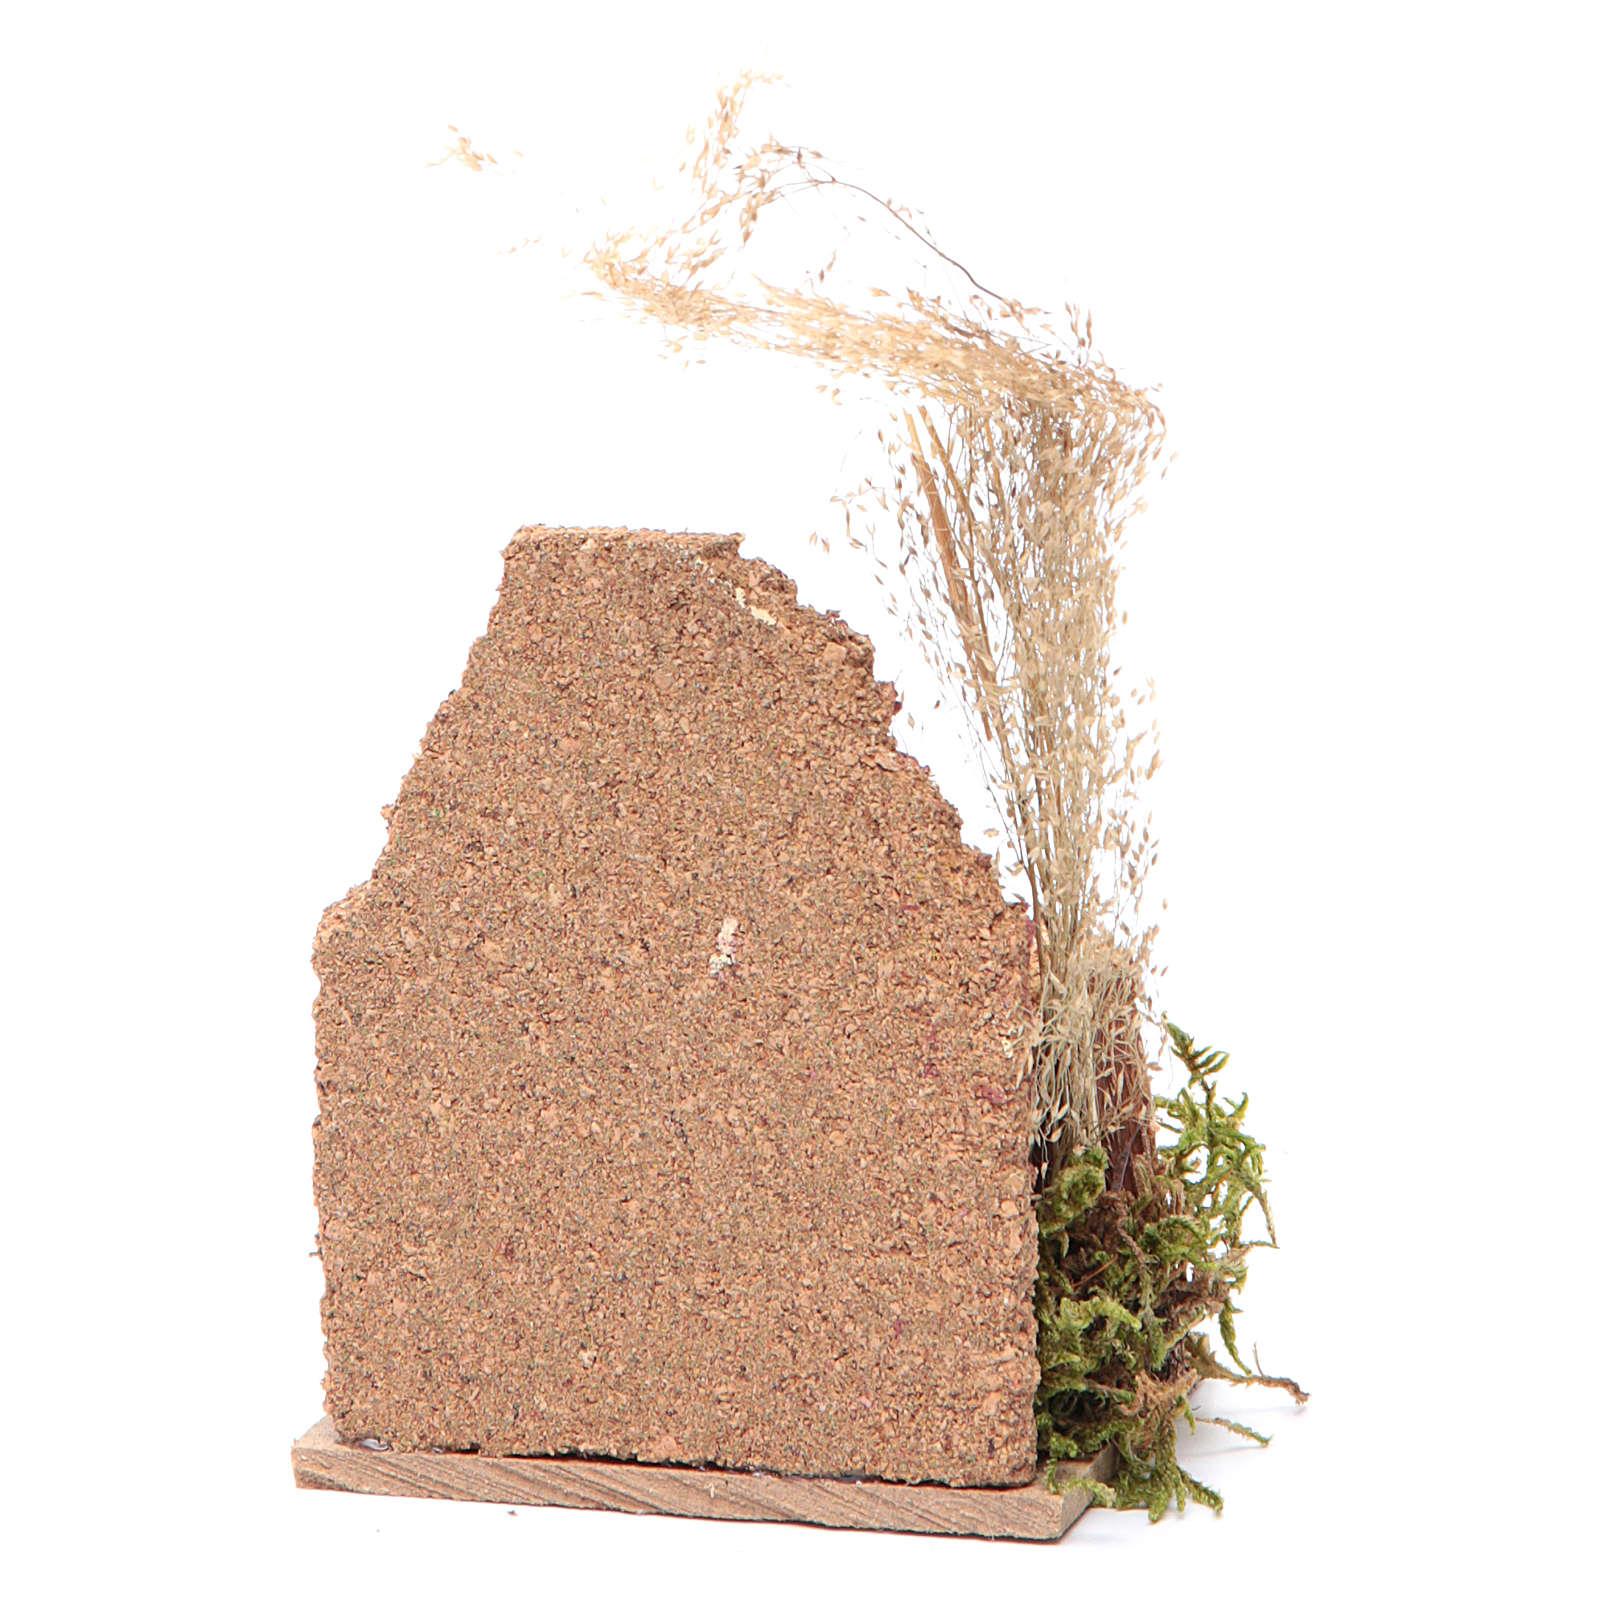 Ambientación belén damajuana muro corcho 14x9x6 4